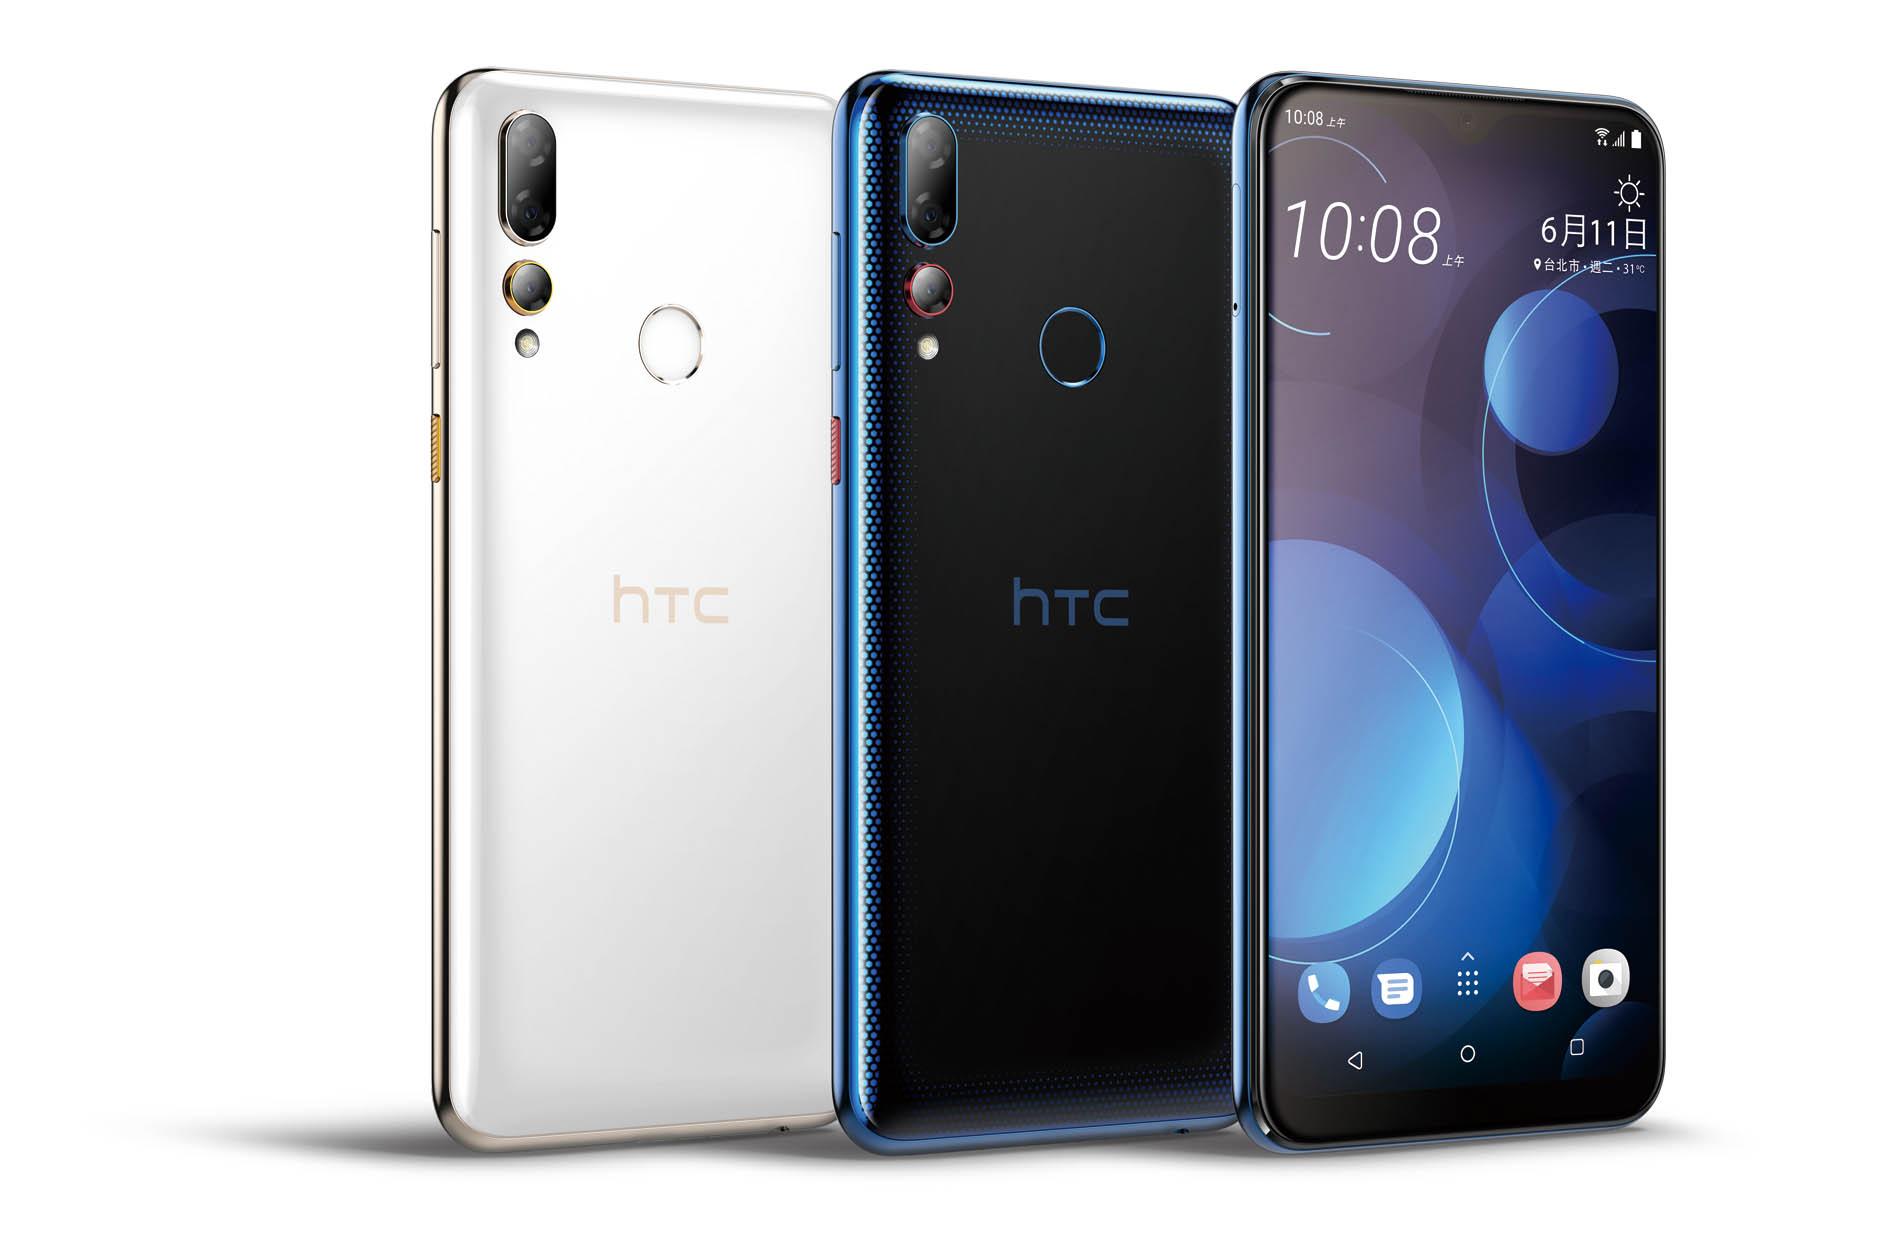 HTC新聞照片(星燦藍+茉莉白)